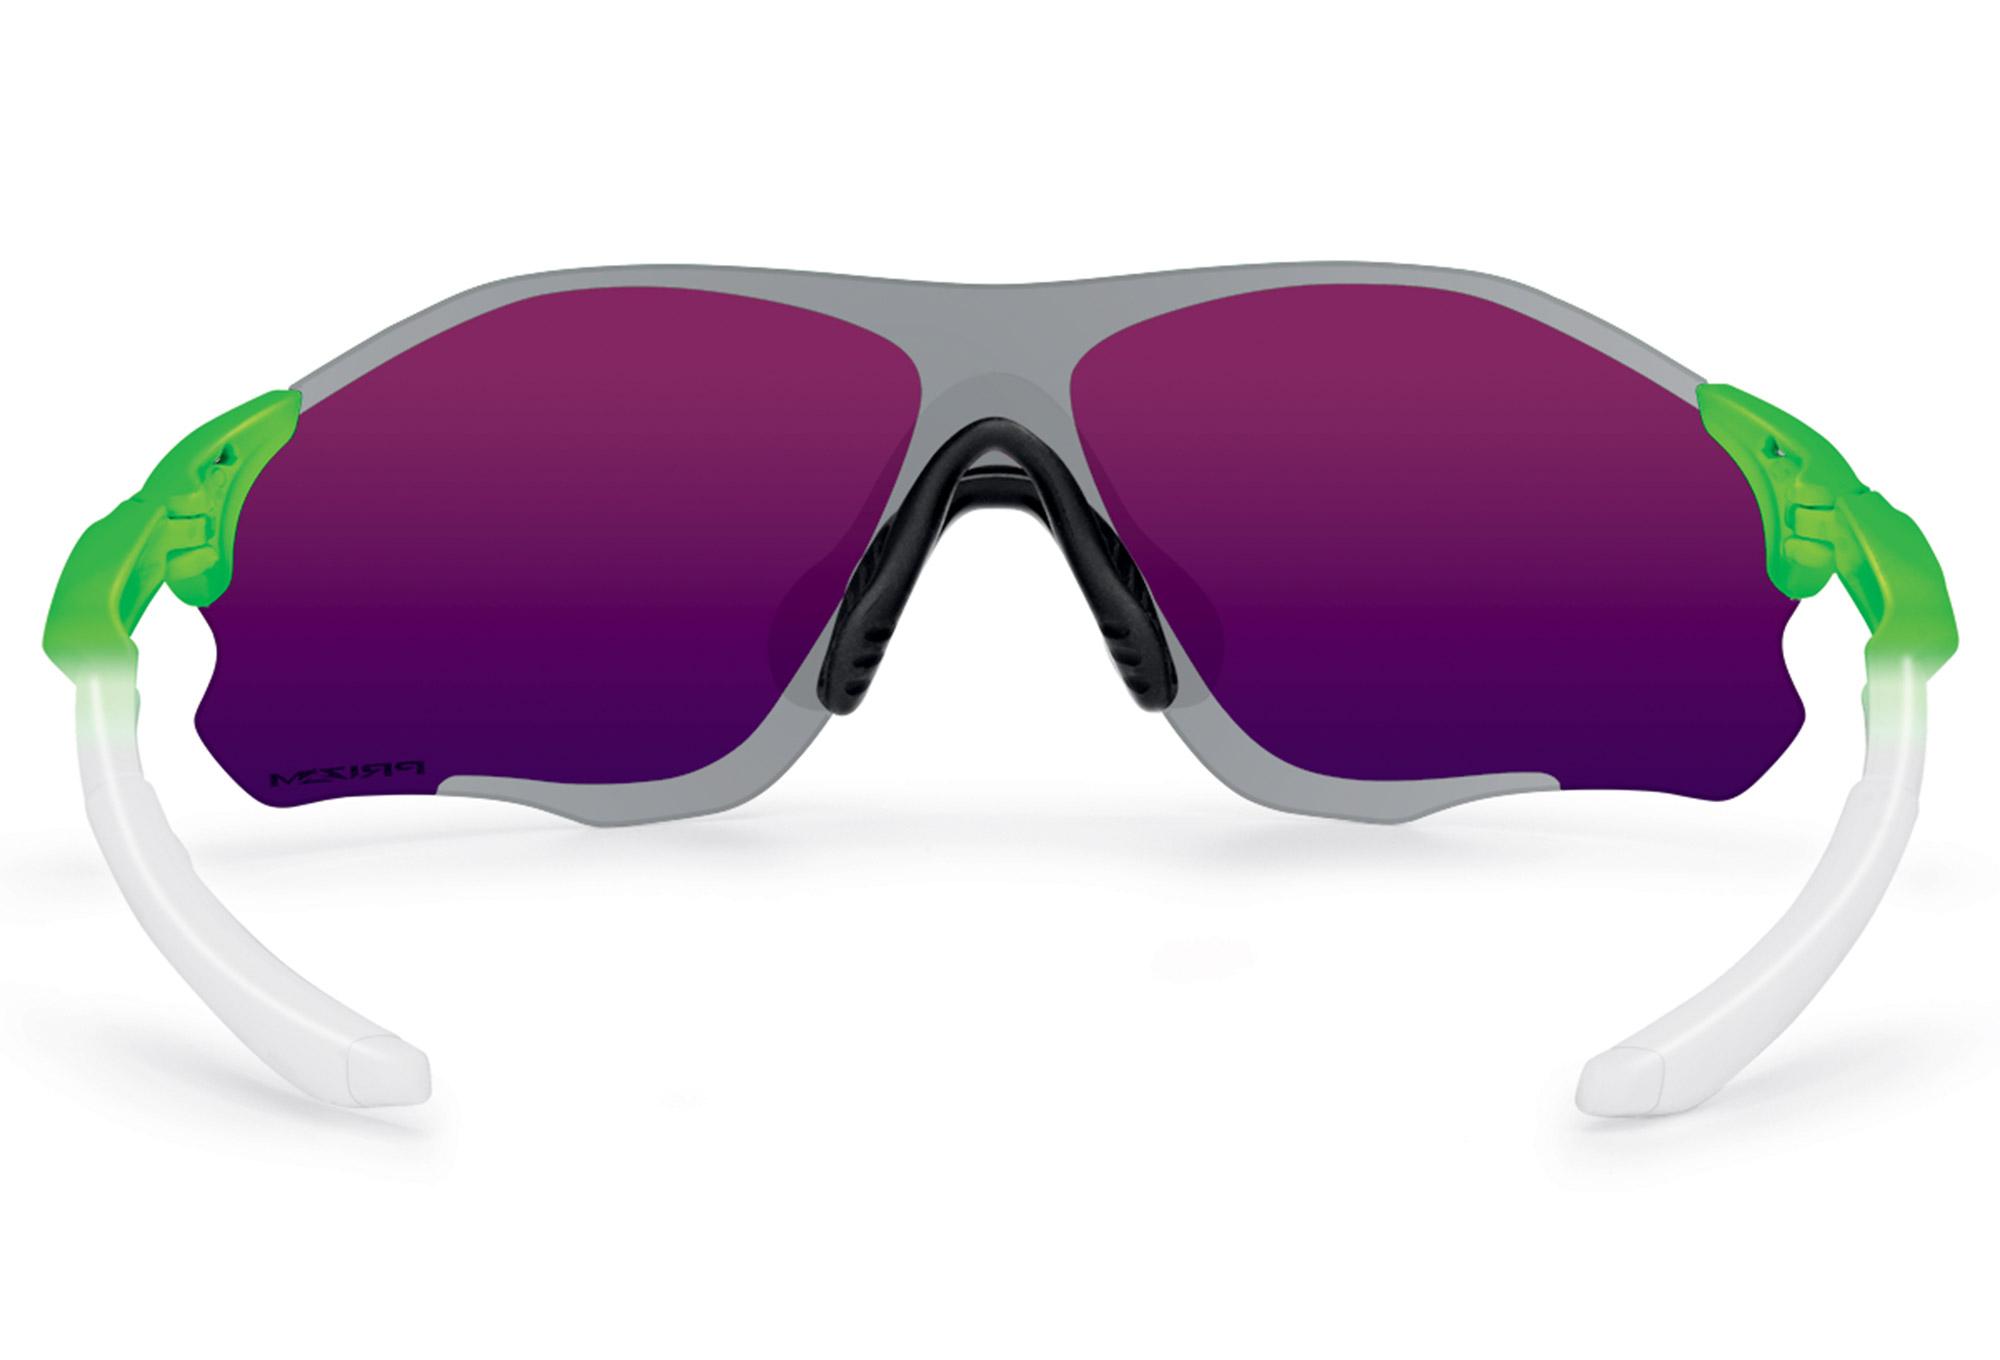 5ed66740e4c Oakley Evzero Range Prizm Field Green Fade Sunglasses